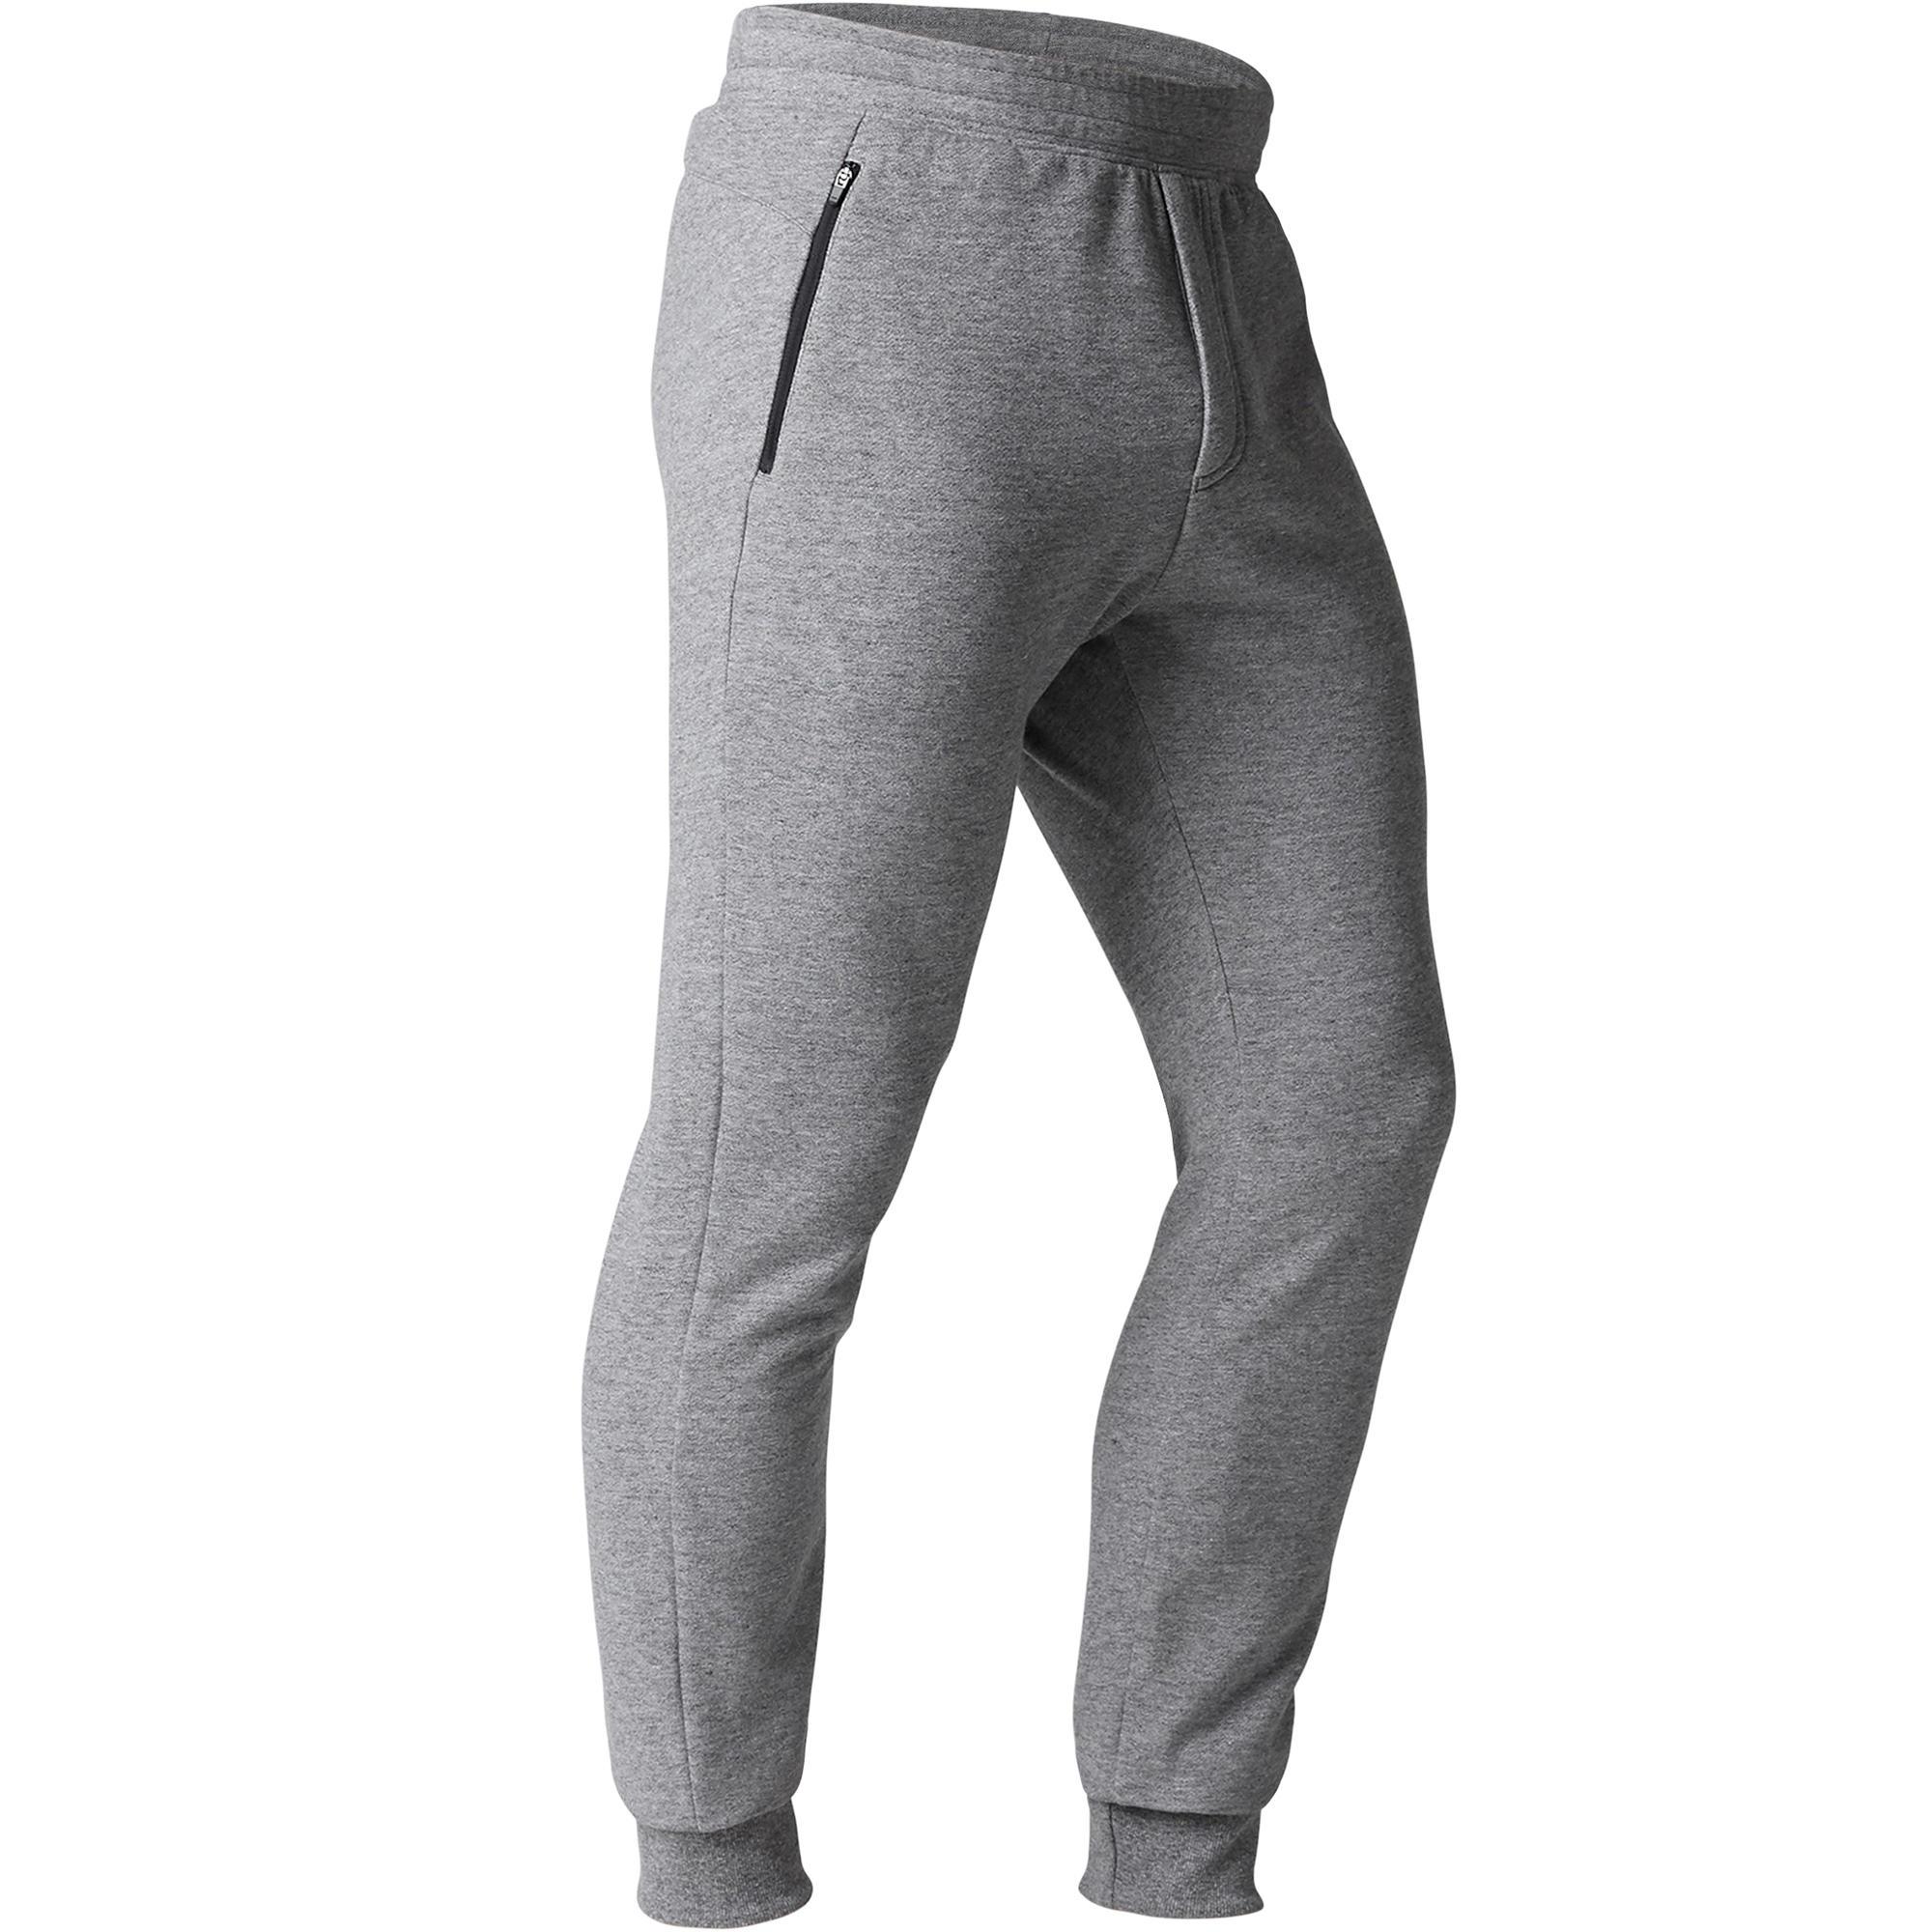 Pantalon 900 ajusté zip gymnastique d'étirement homme gris clair